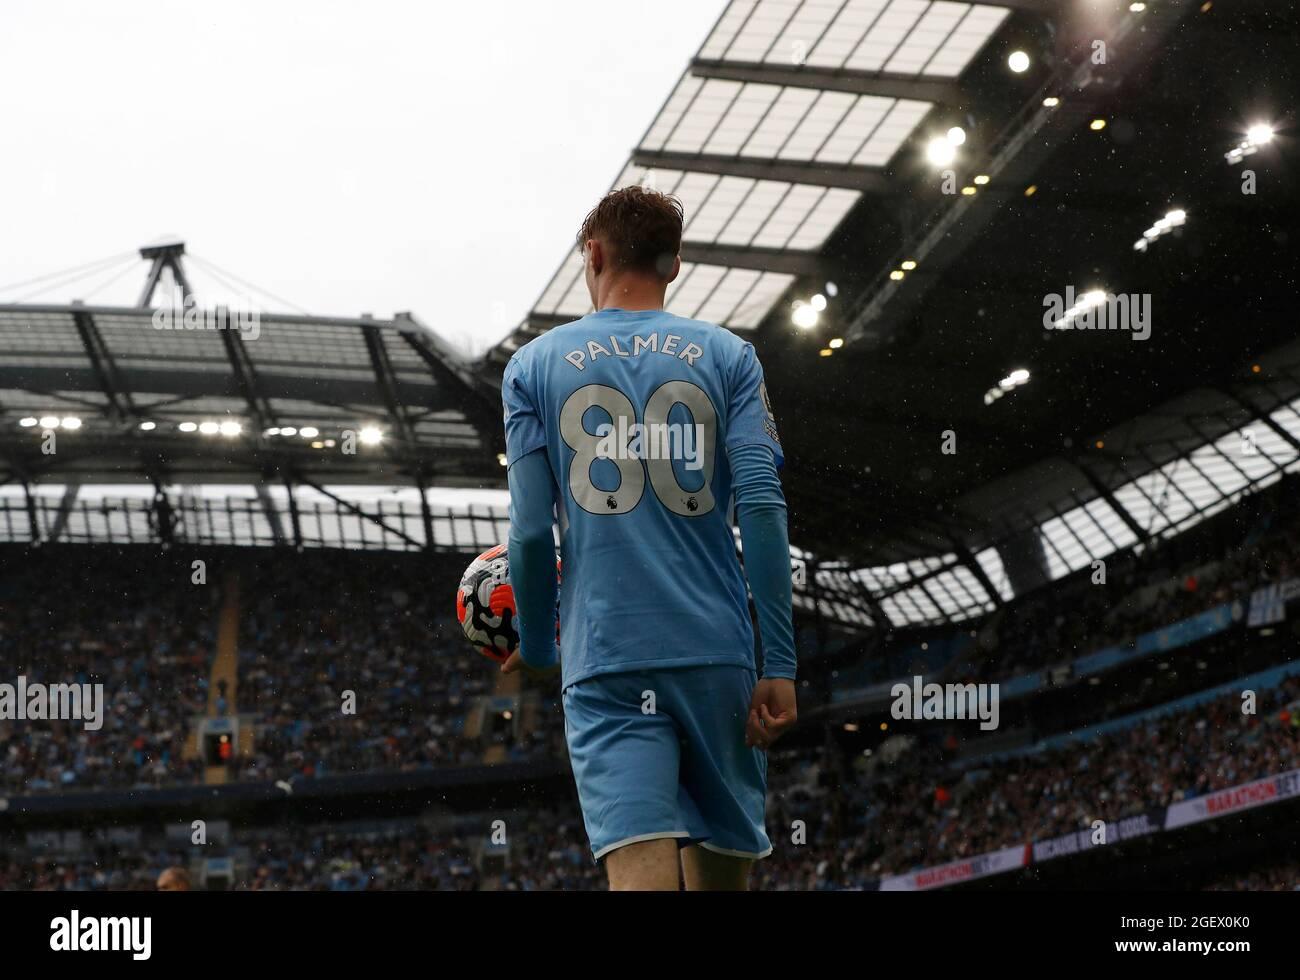 Manchester, Inghilterra, 21 agosto 2021. Cole Palmer di Manchester City durante la partita della Premier League all'Etihad Stadium di Manchester. Il credito dovrebbe essere: Darren Staples / Sportimage Foto Stock